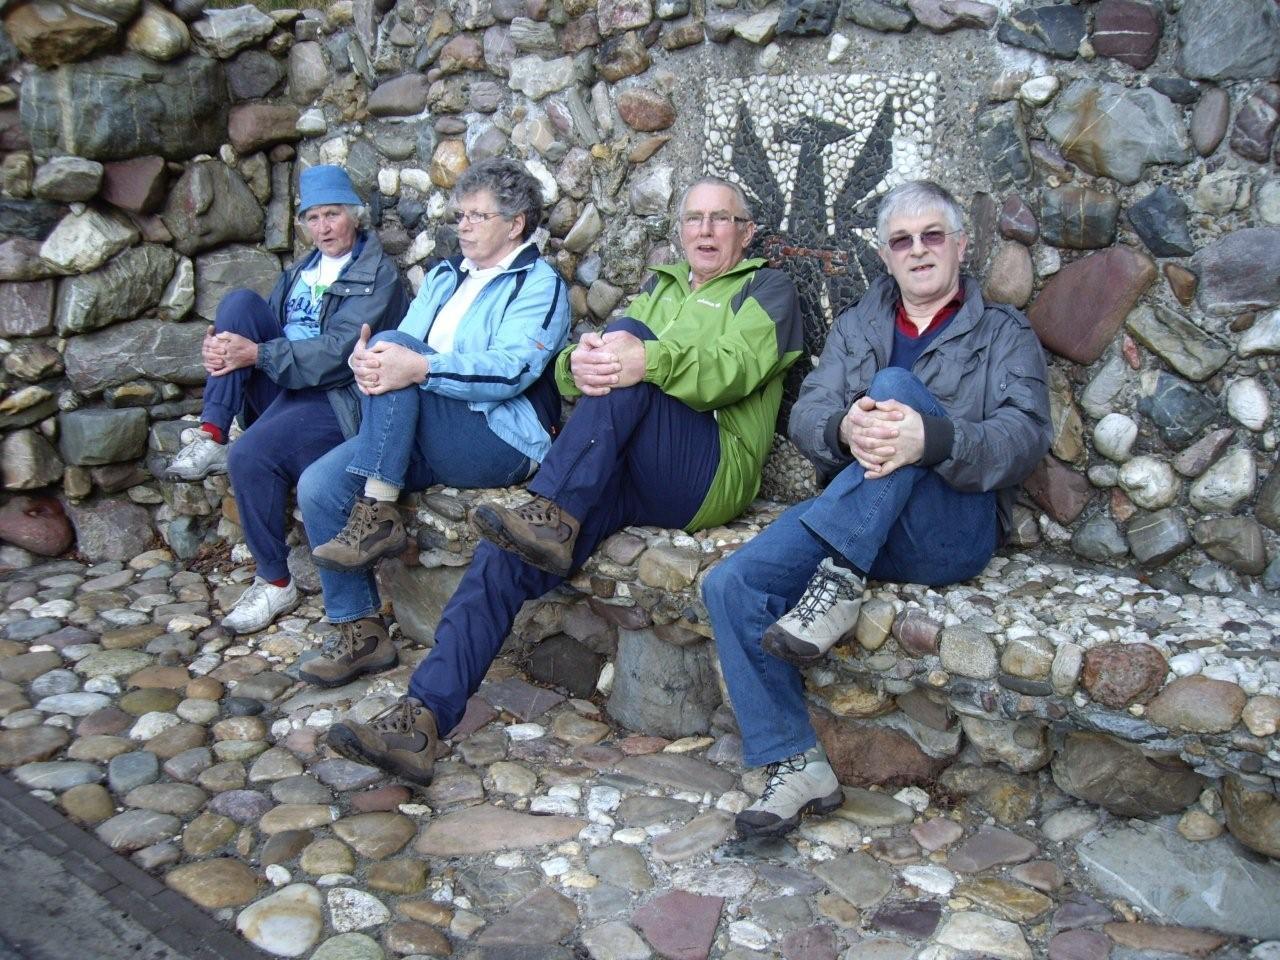 Wandelaars zaterdagmorgen april 2011